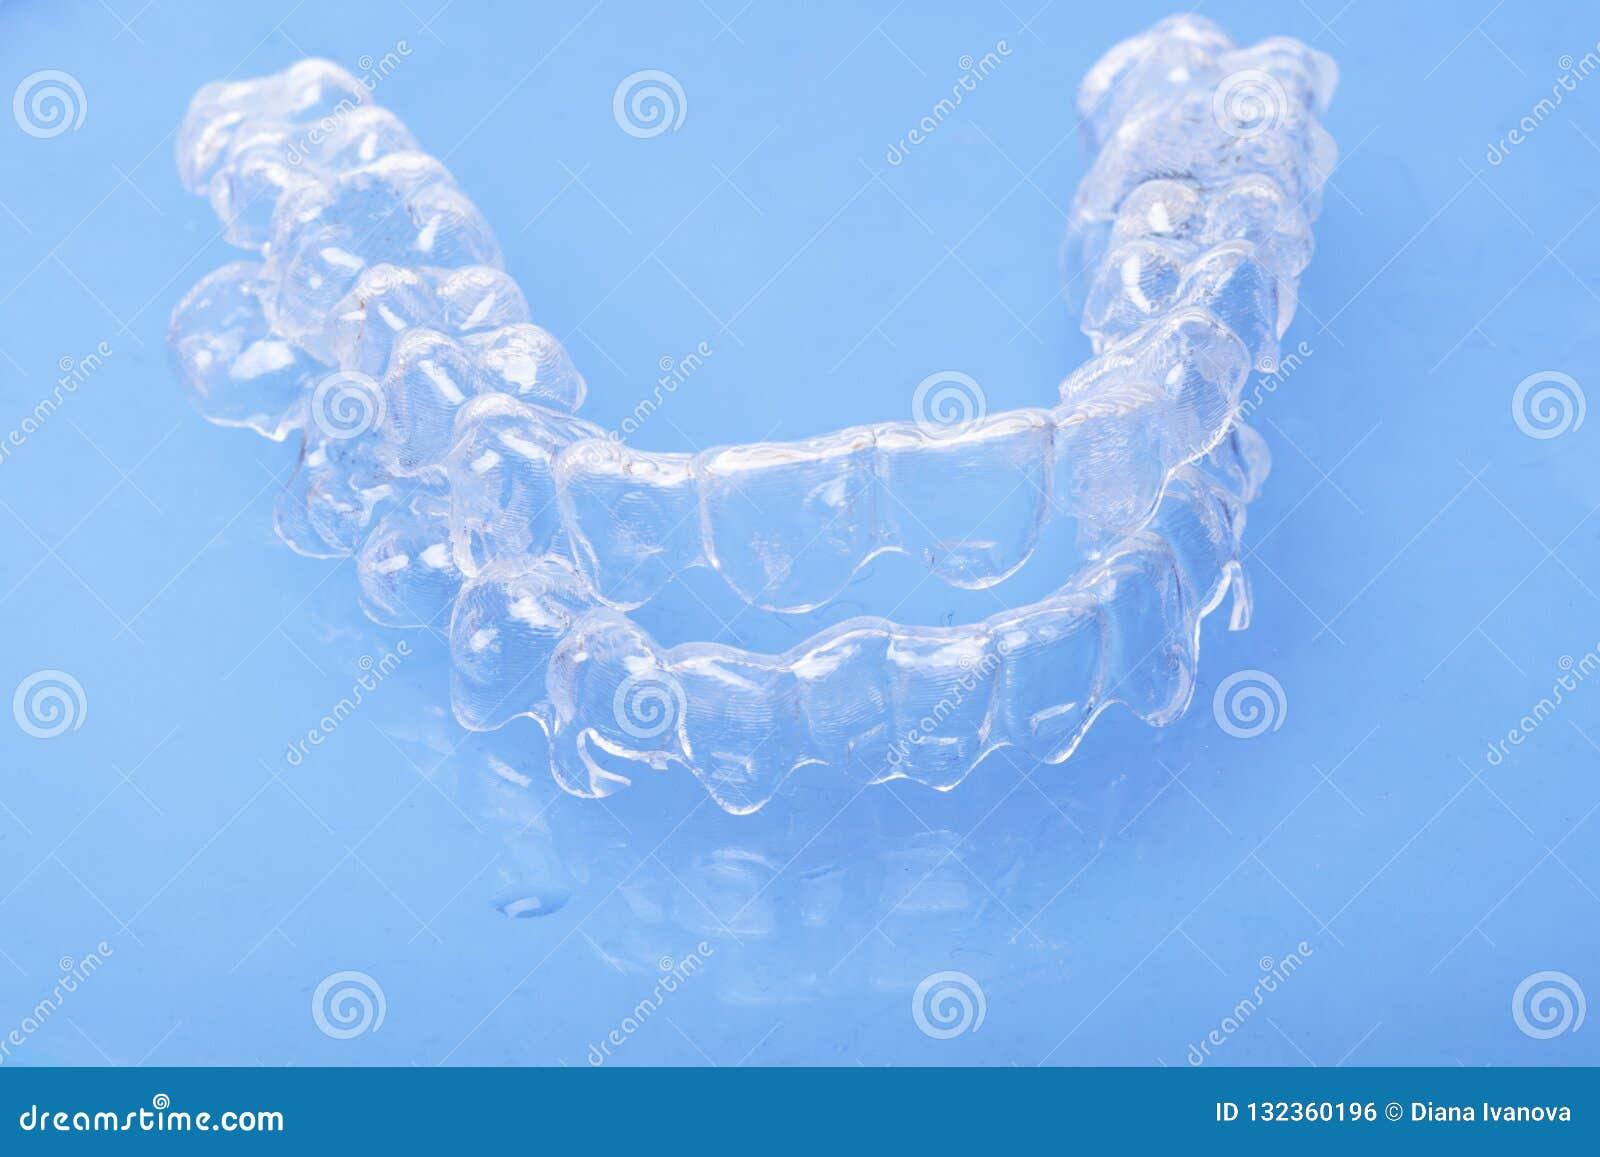 Το αόρατο οδοντικό πλαστικό ευθυγραμμιστών δοντιών υποστηριγμάτων δοντιών ενισχύει τους υπηρέτες οδοντιατρικής για να ισιώσει τα